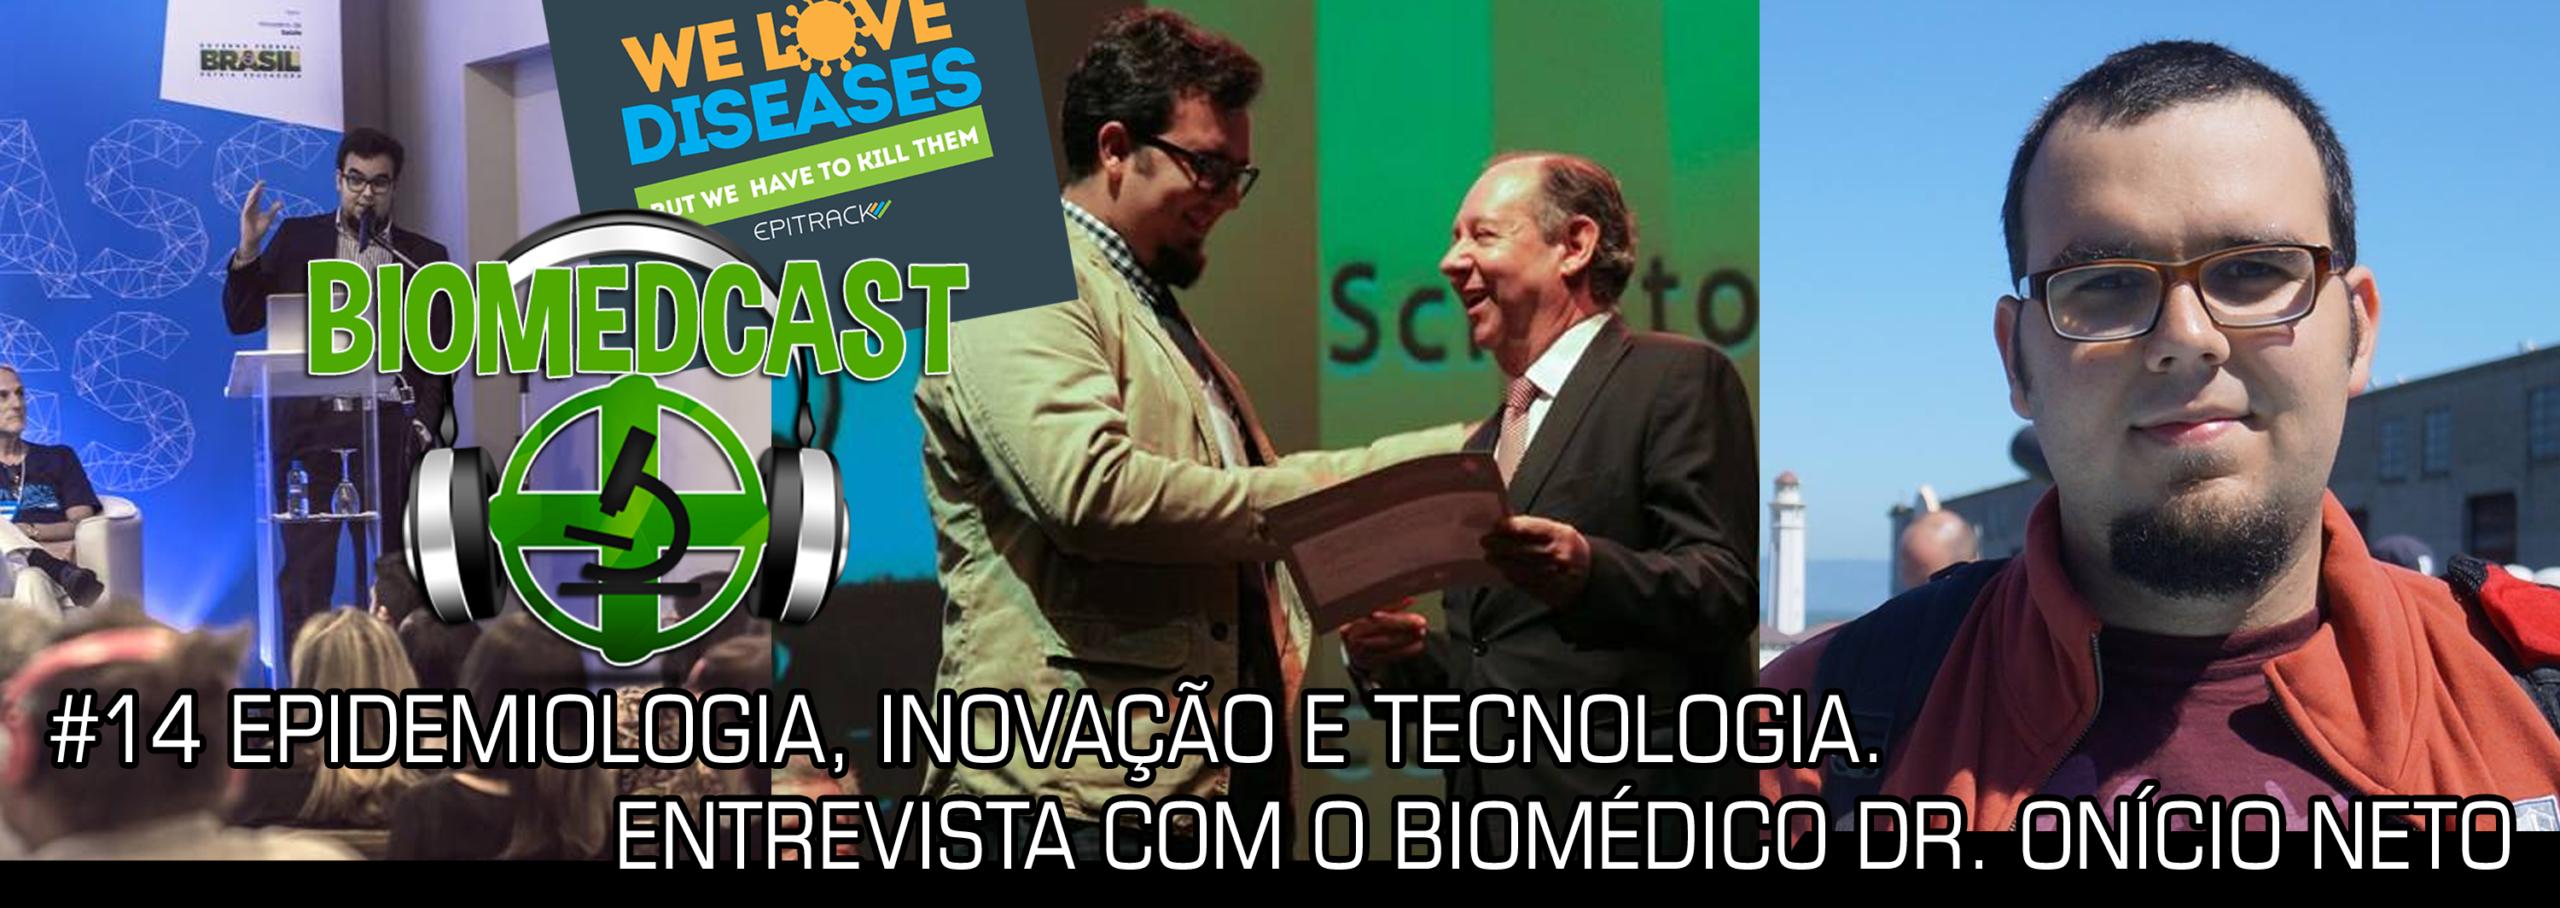 #14 Epidemiologia, Inovação e Tecnologia – Entrevista com o biomédico Dr. Onício Neto